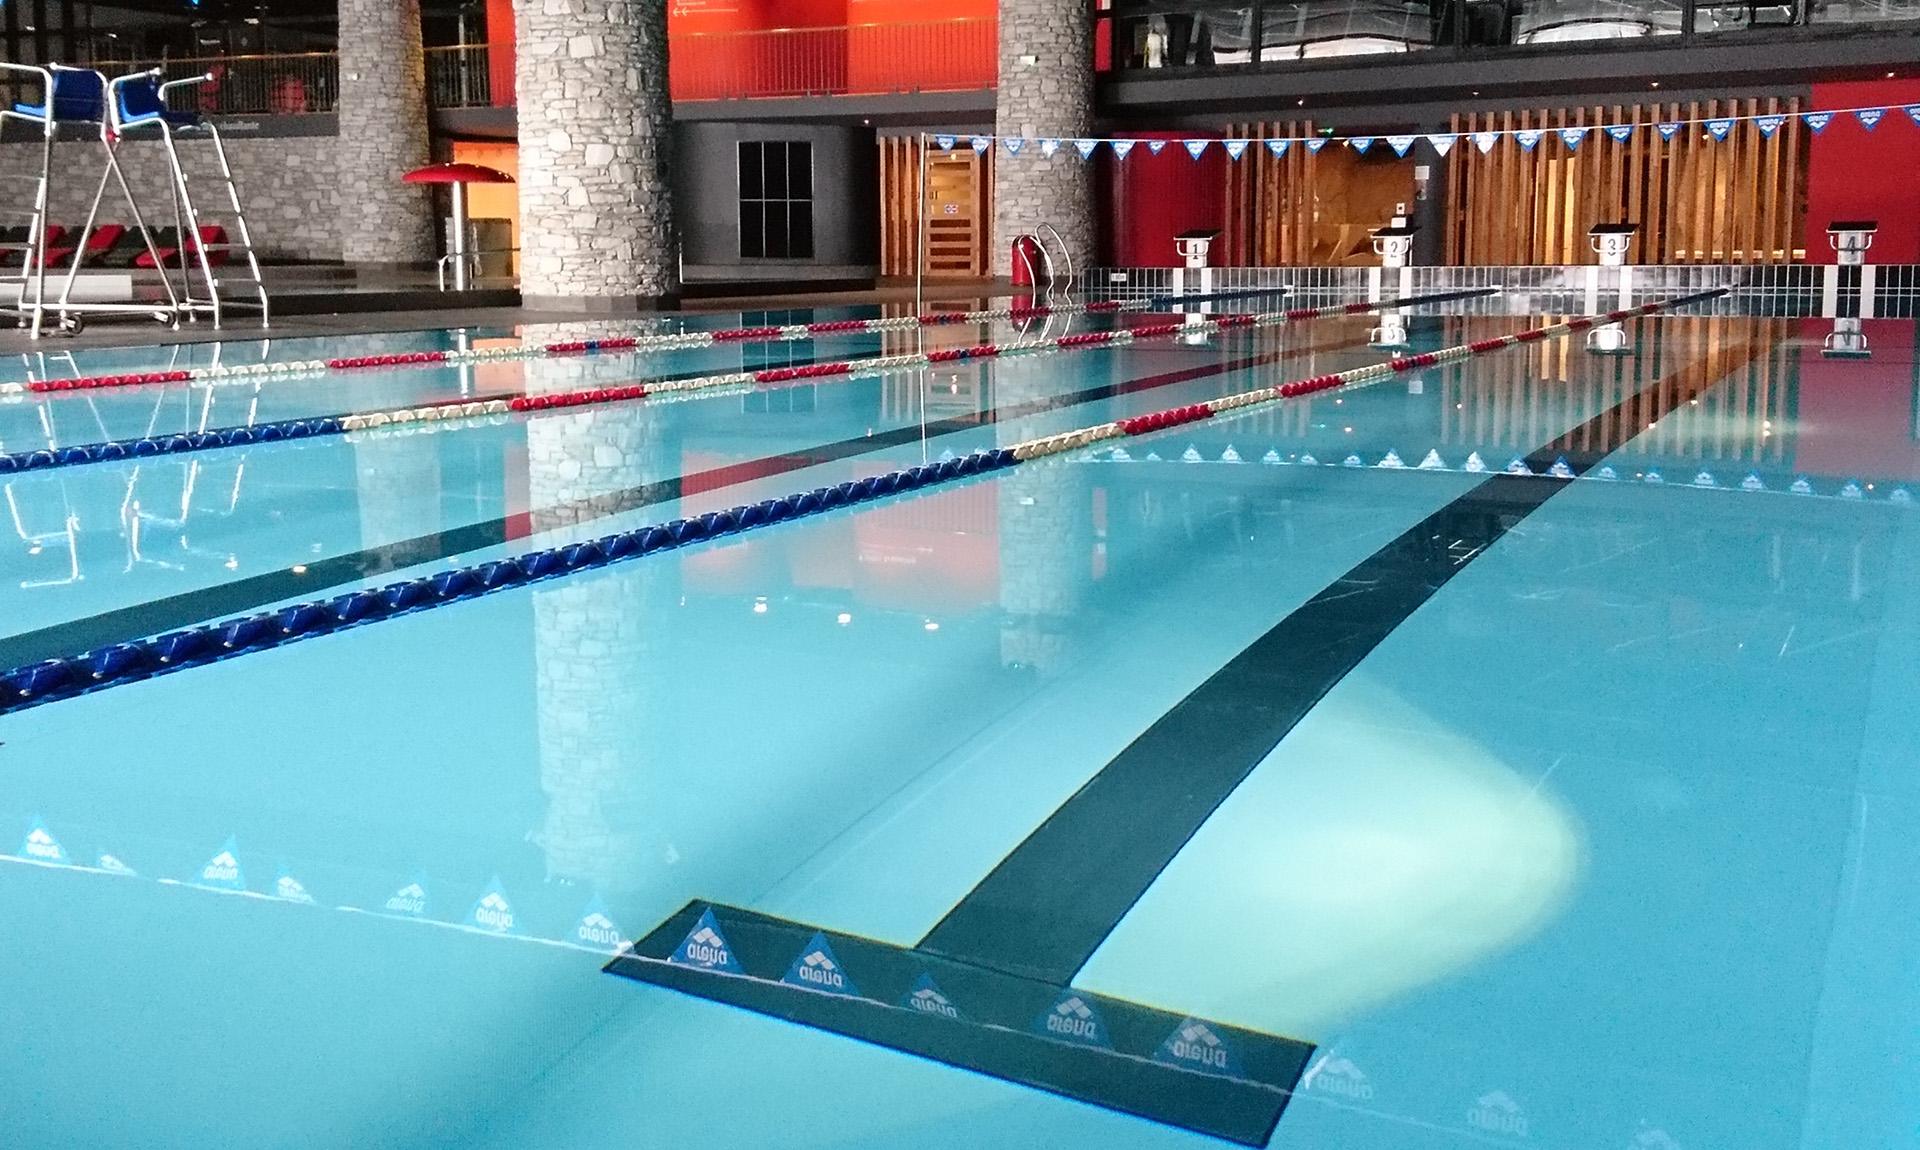 Josselin maître-nageur à Nantes